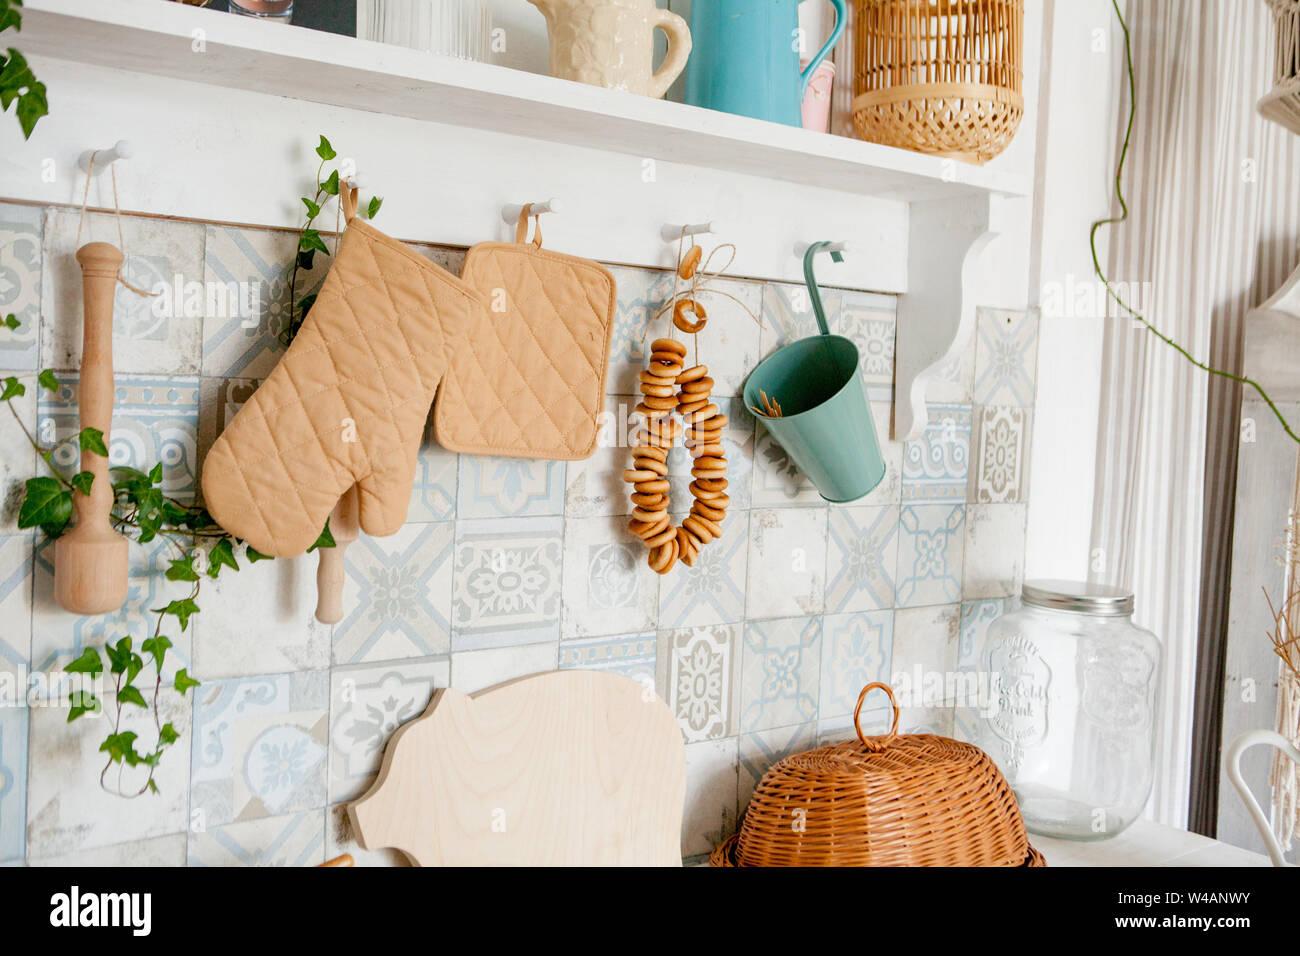 Accessori Per Cucina Moderna.Asciugatutto E Guanto Sul Piano Di Lavoro In Cucina Moderna